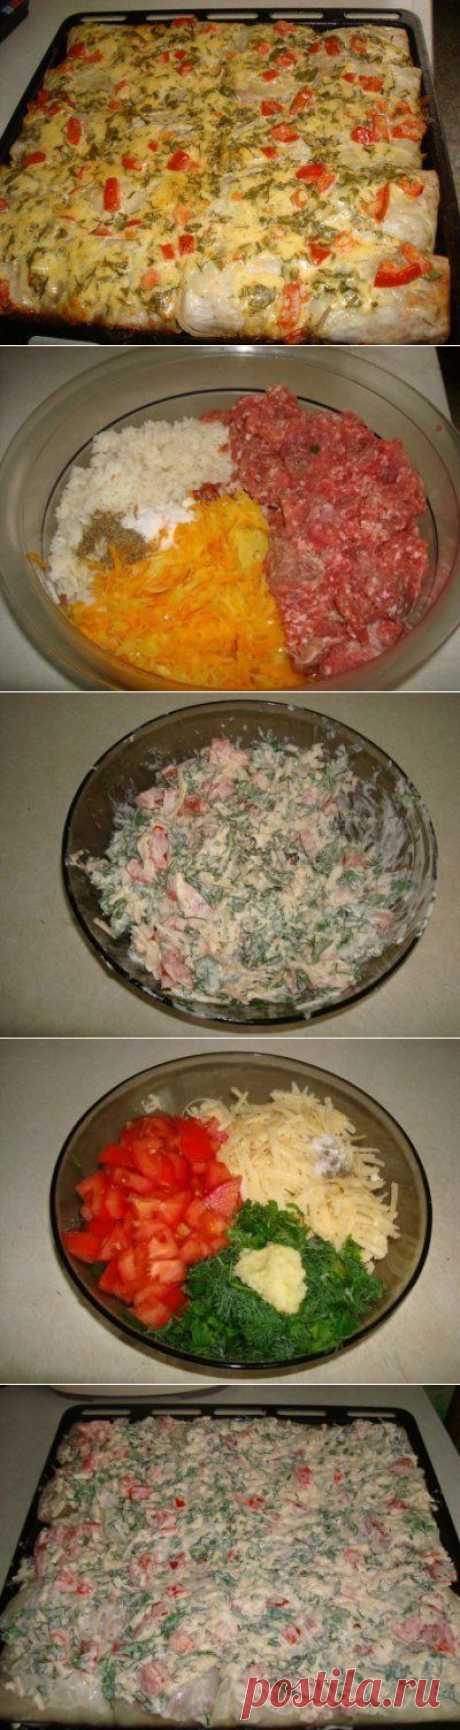 Оригинальный рецепт голубцов. Голубцы под «шубой». | Хитрости Жизни